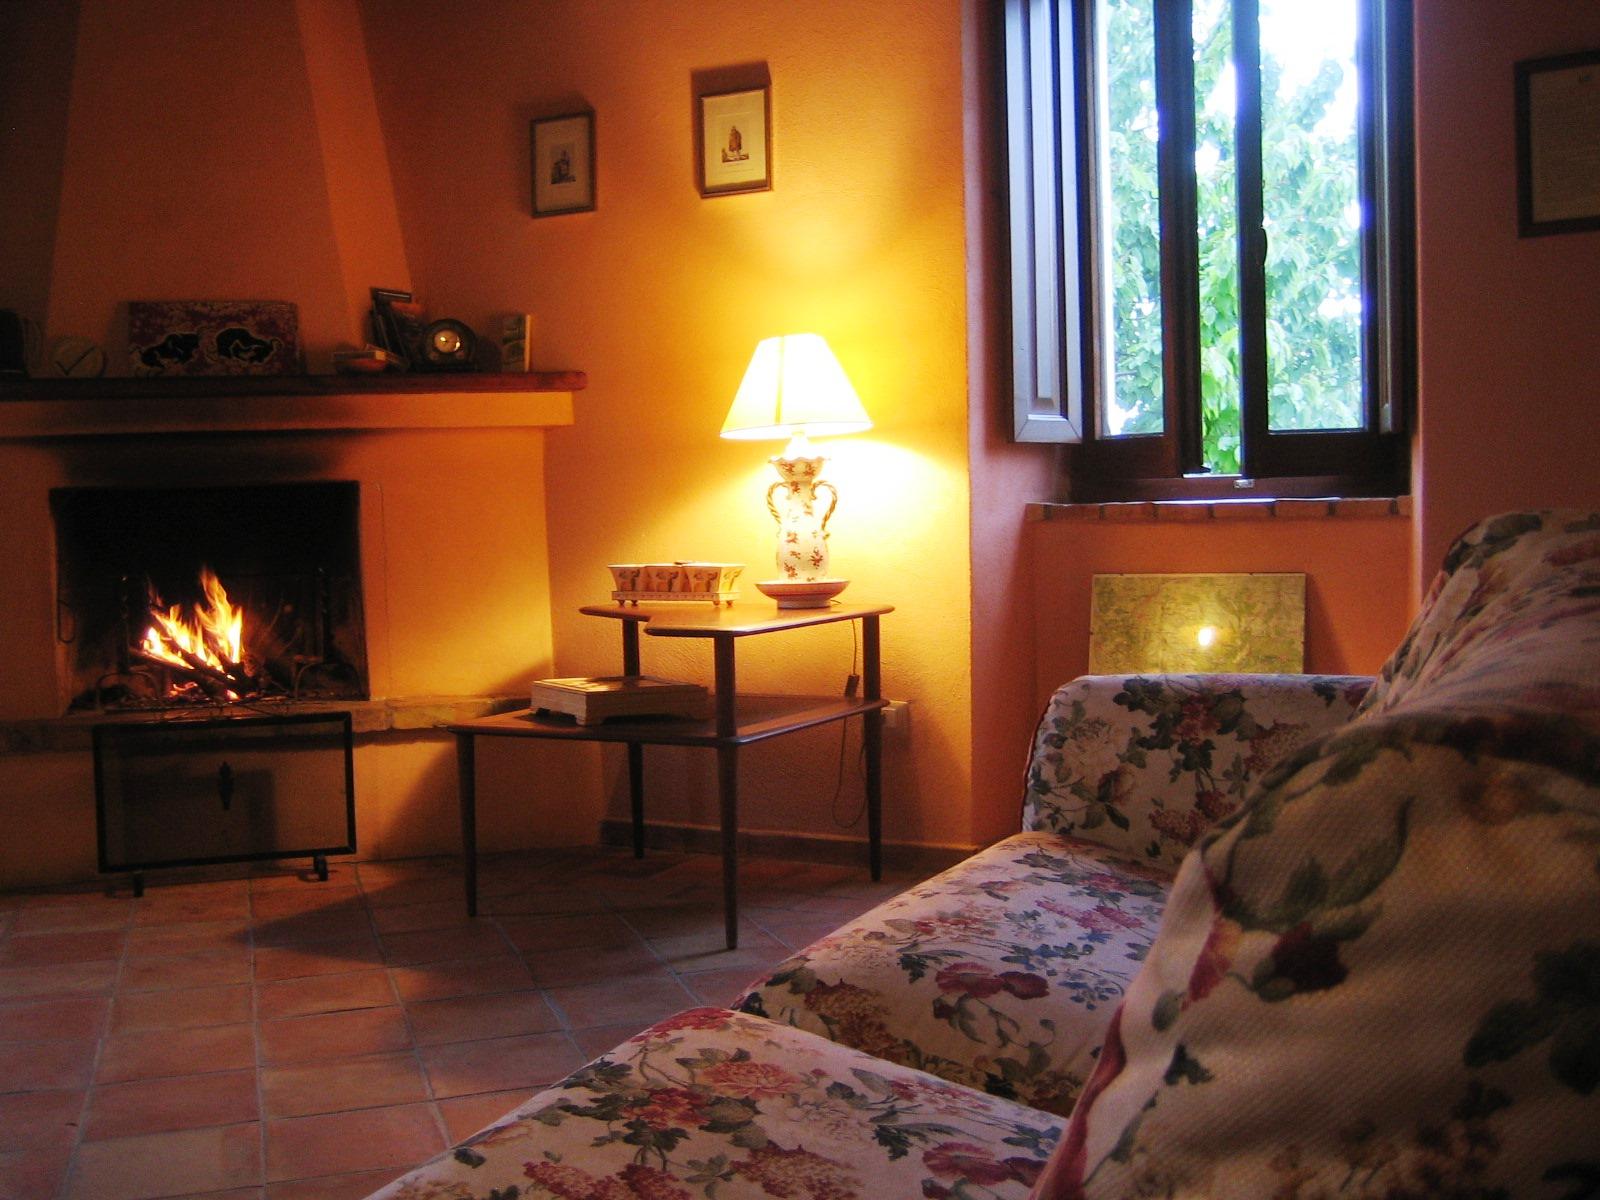 Casa di campagna Casa di campagna in vendita Abbateggio (PE), Casa Selva - Abbateggio - EUR 510.204 80